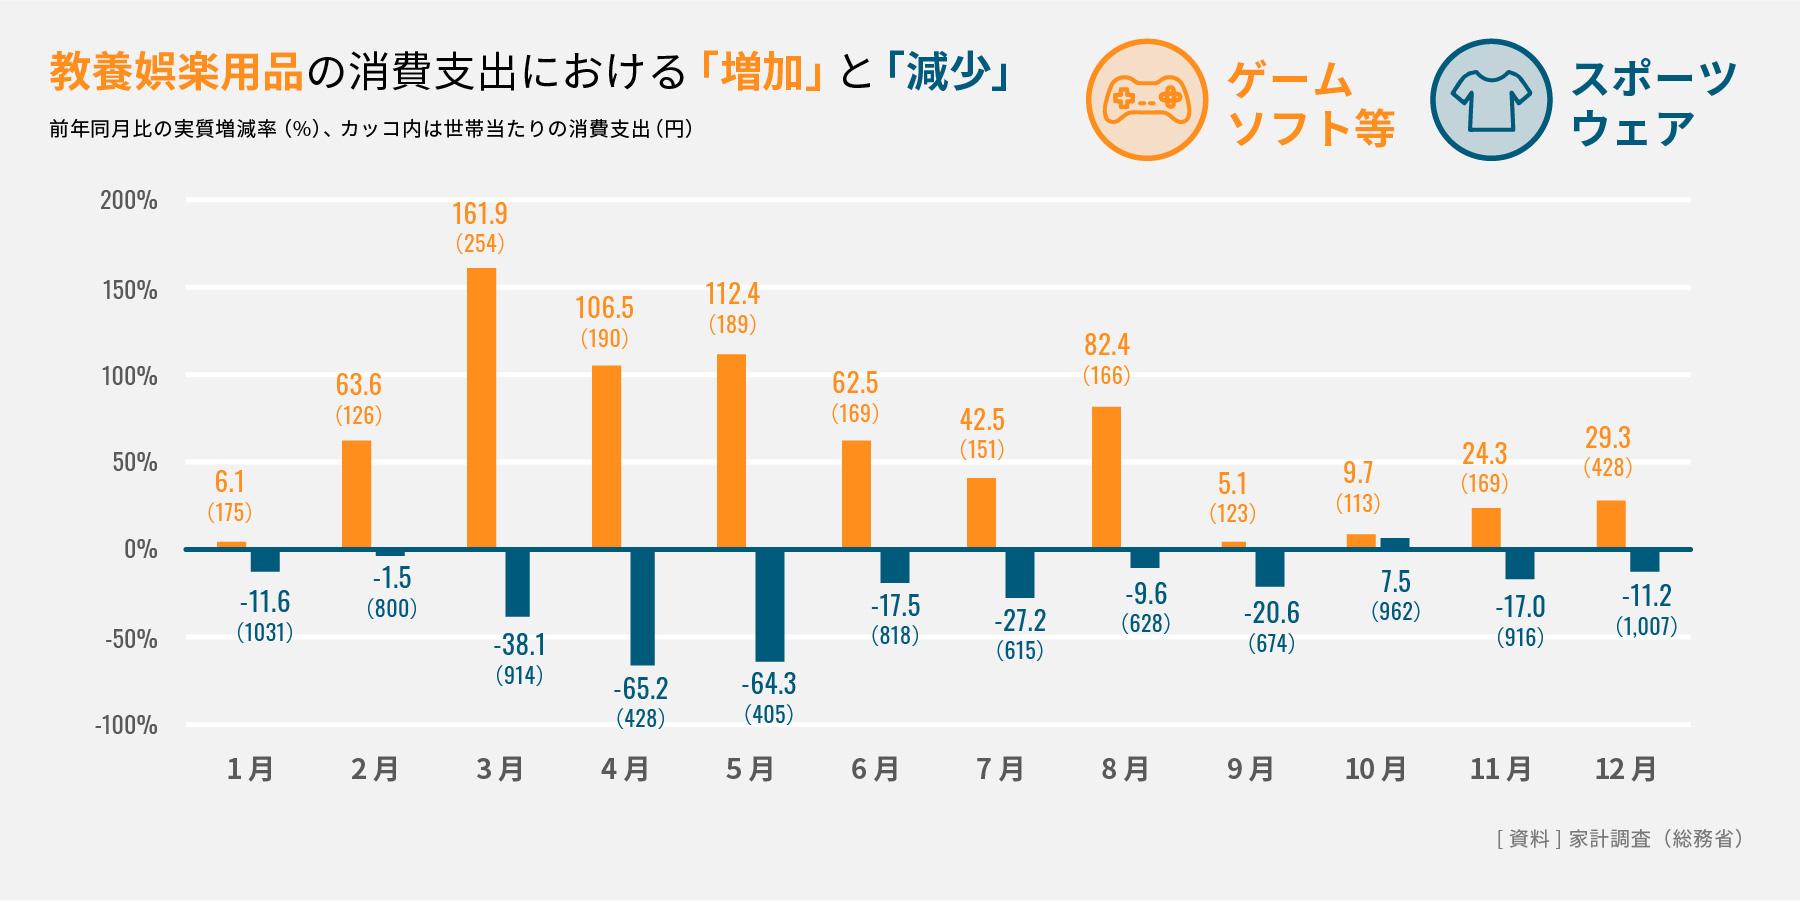 教養娯楽用品の消費支出における「増加」と「減少」